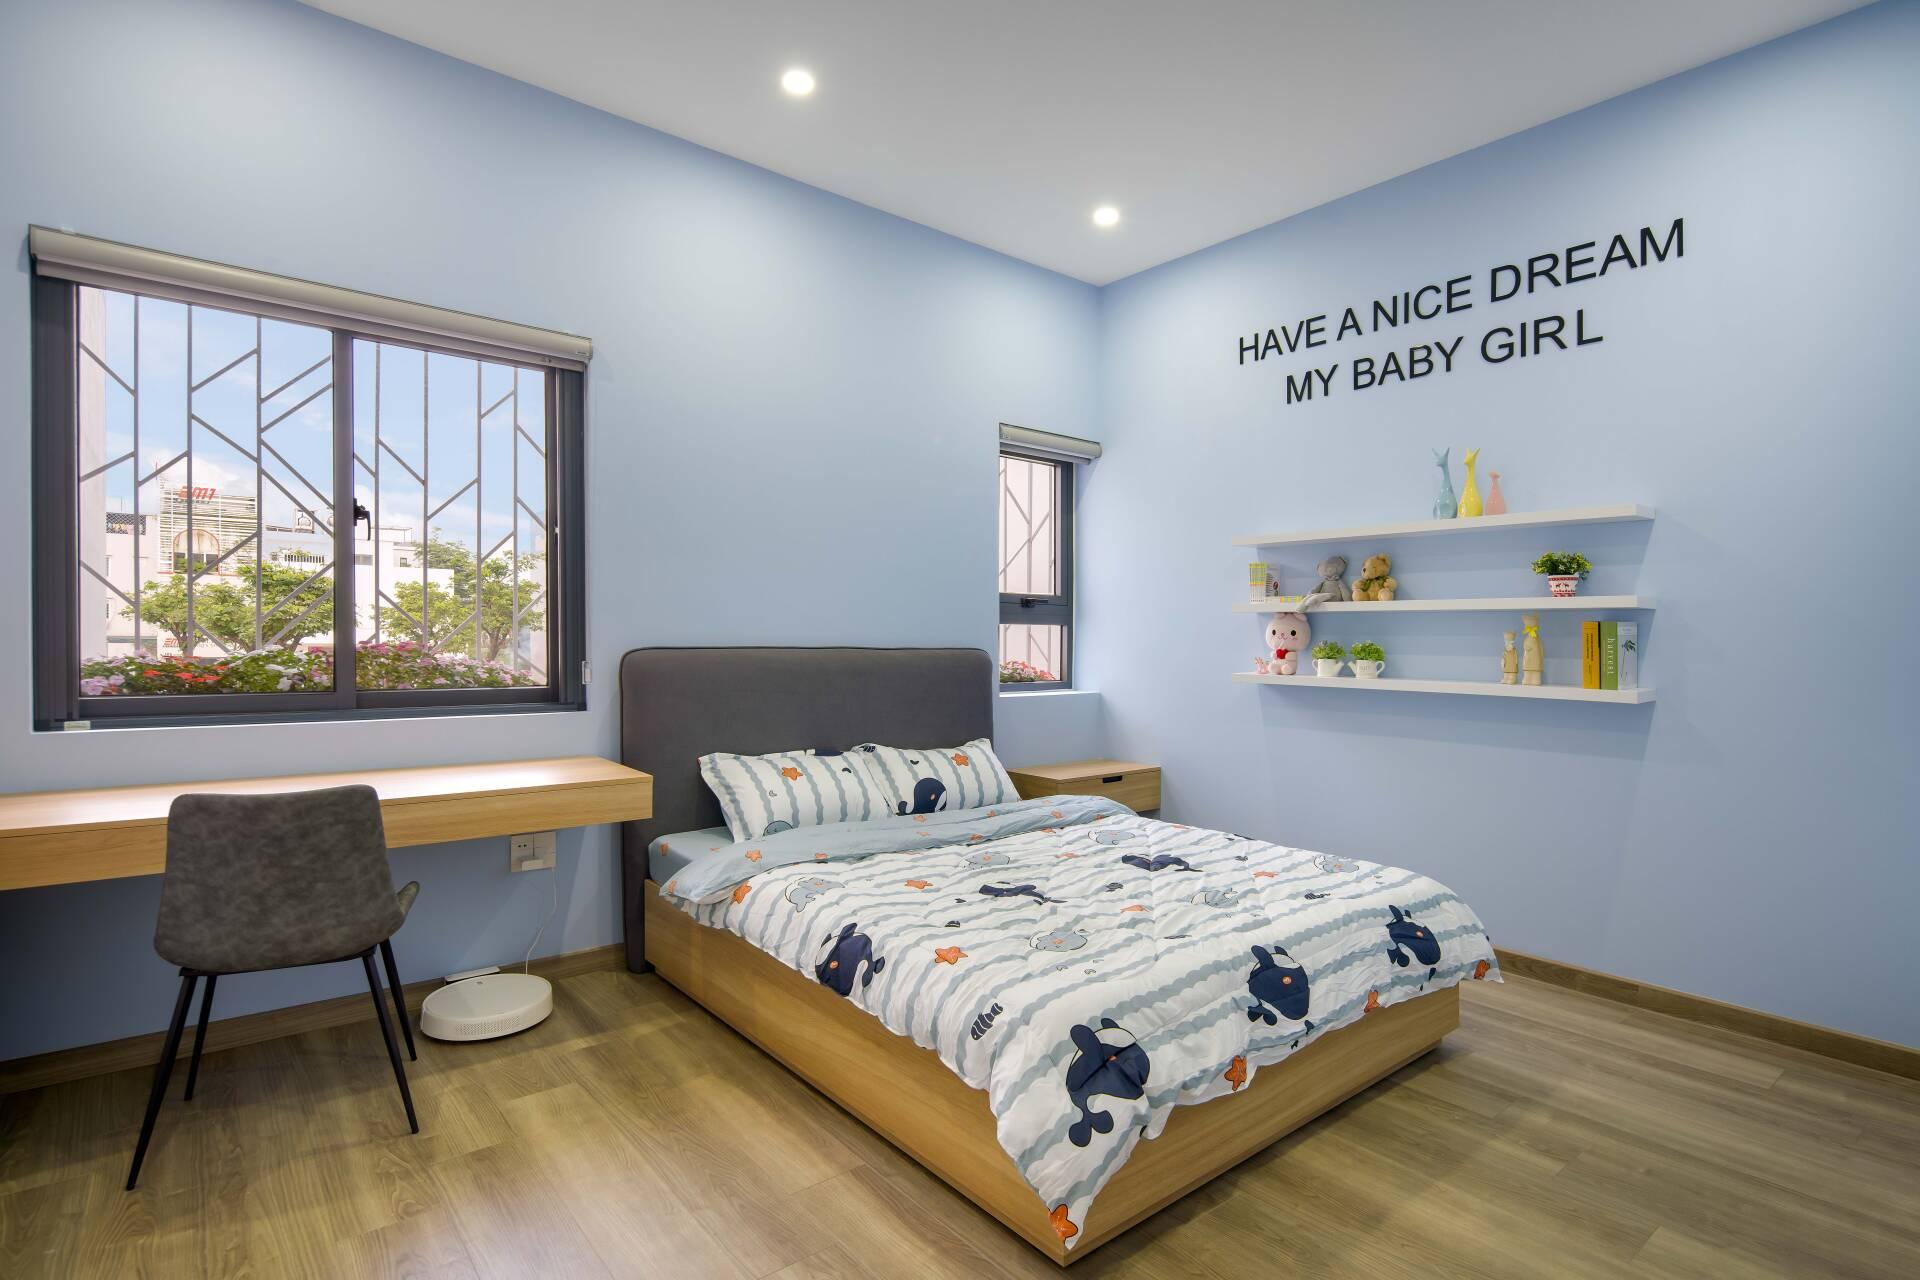 Phòng ngủ dành cho con gái của gia chủ mang gam màu xanh pastel dễ thương